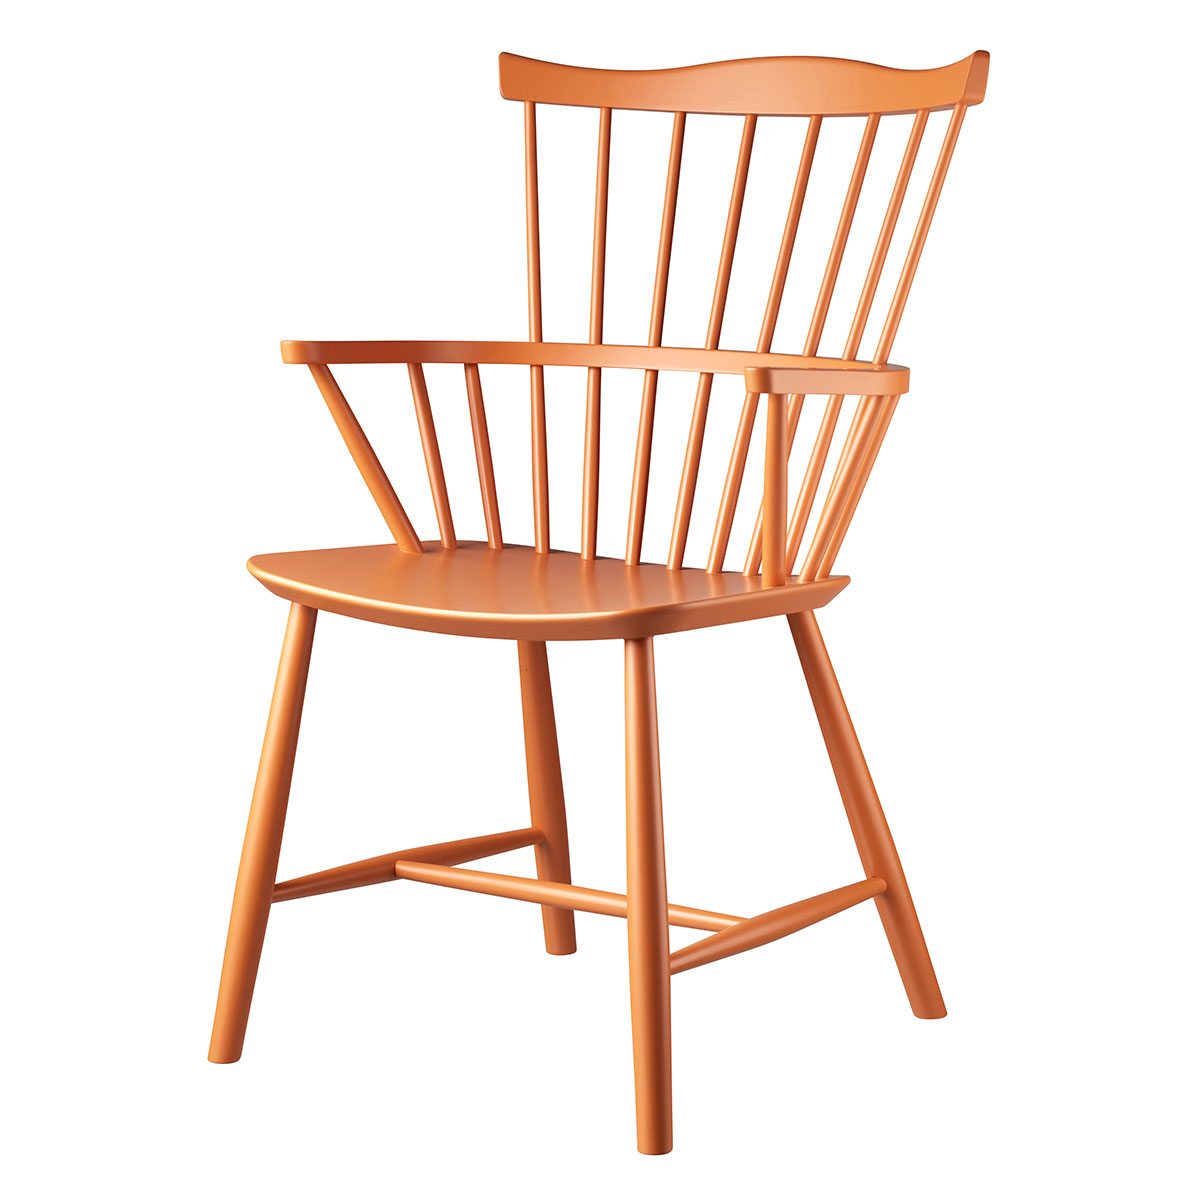 Image of   Børge Mogensen stol - J52B - Særudgave i orange